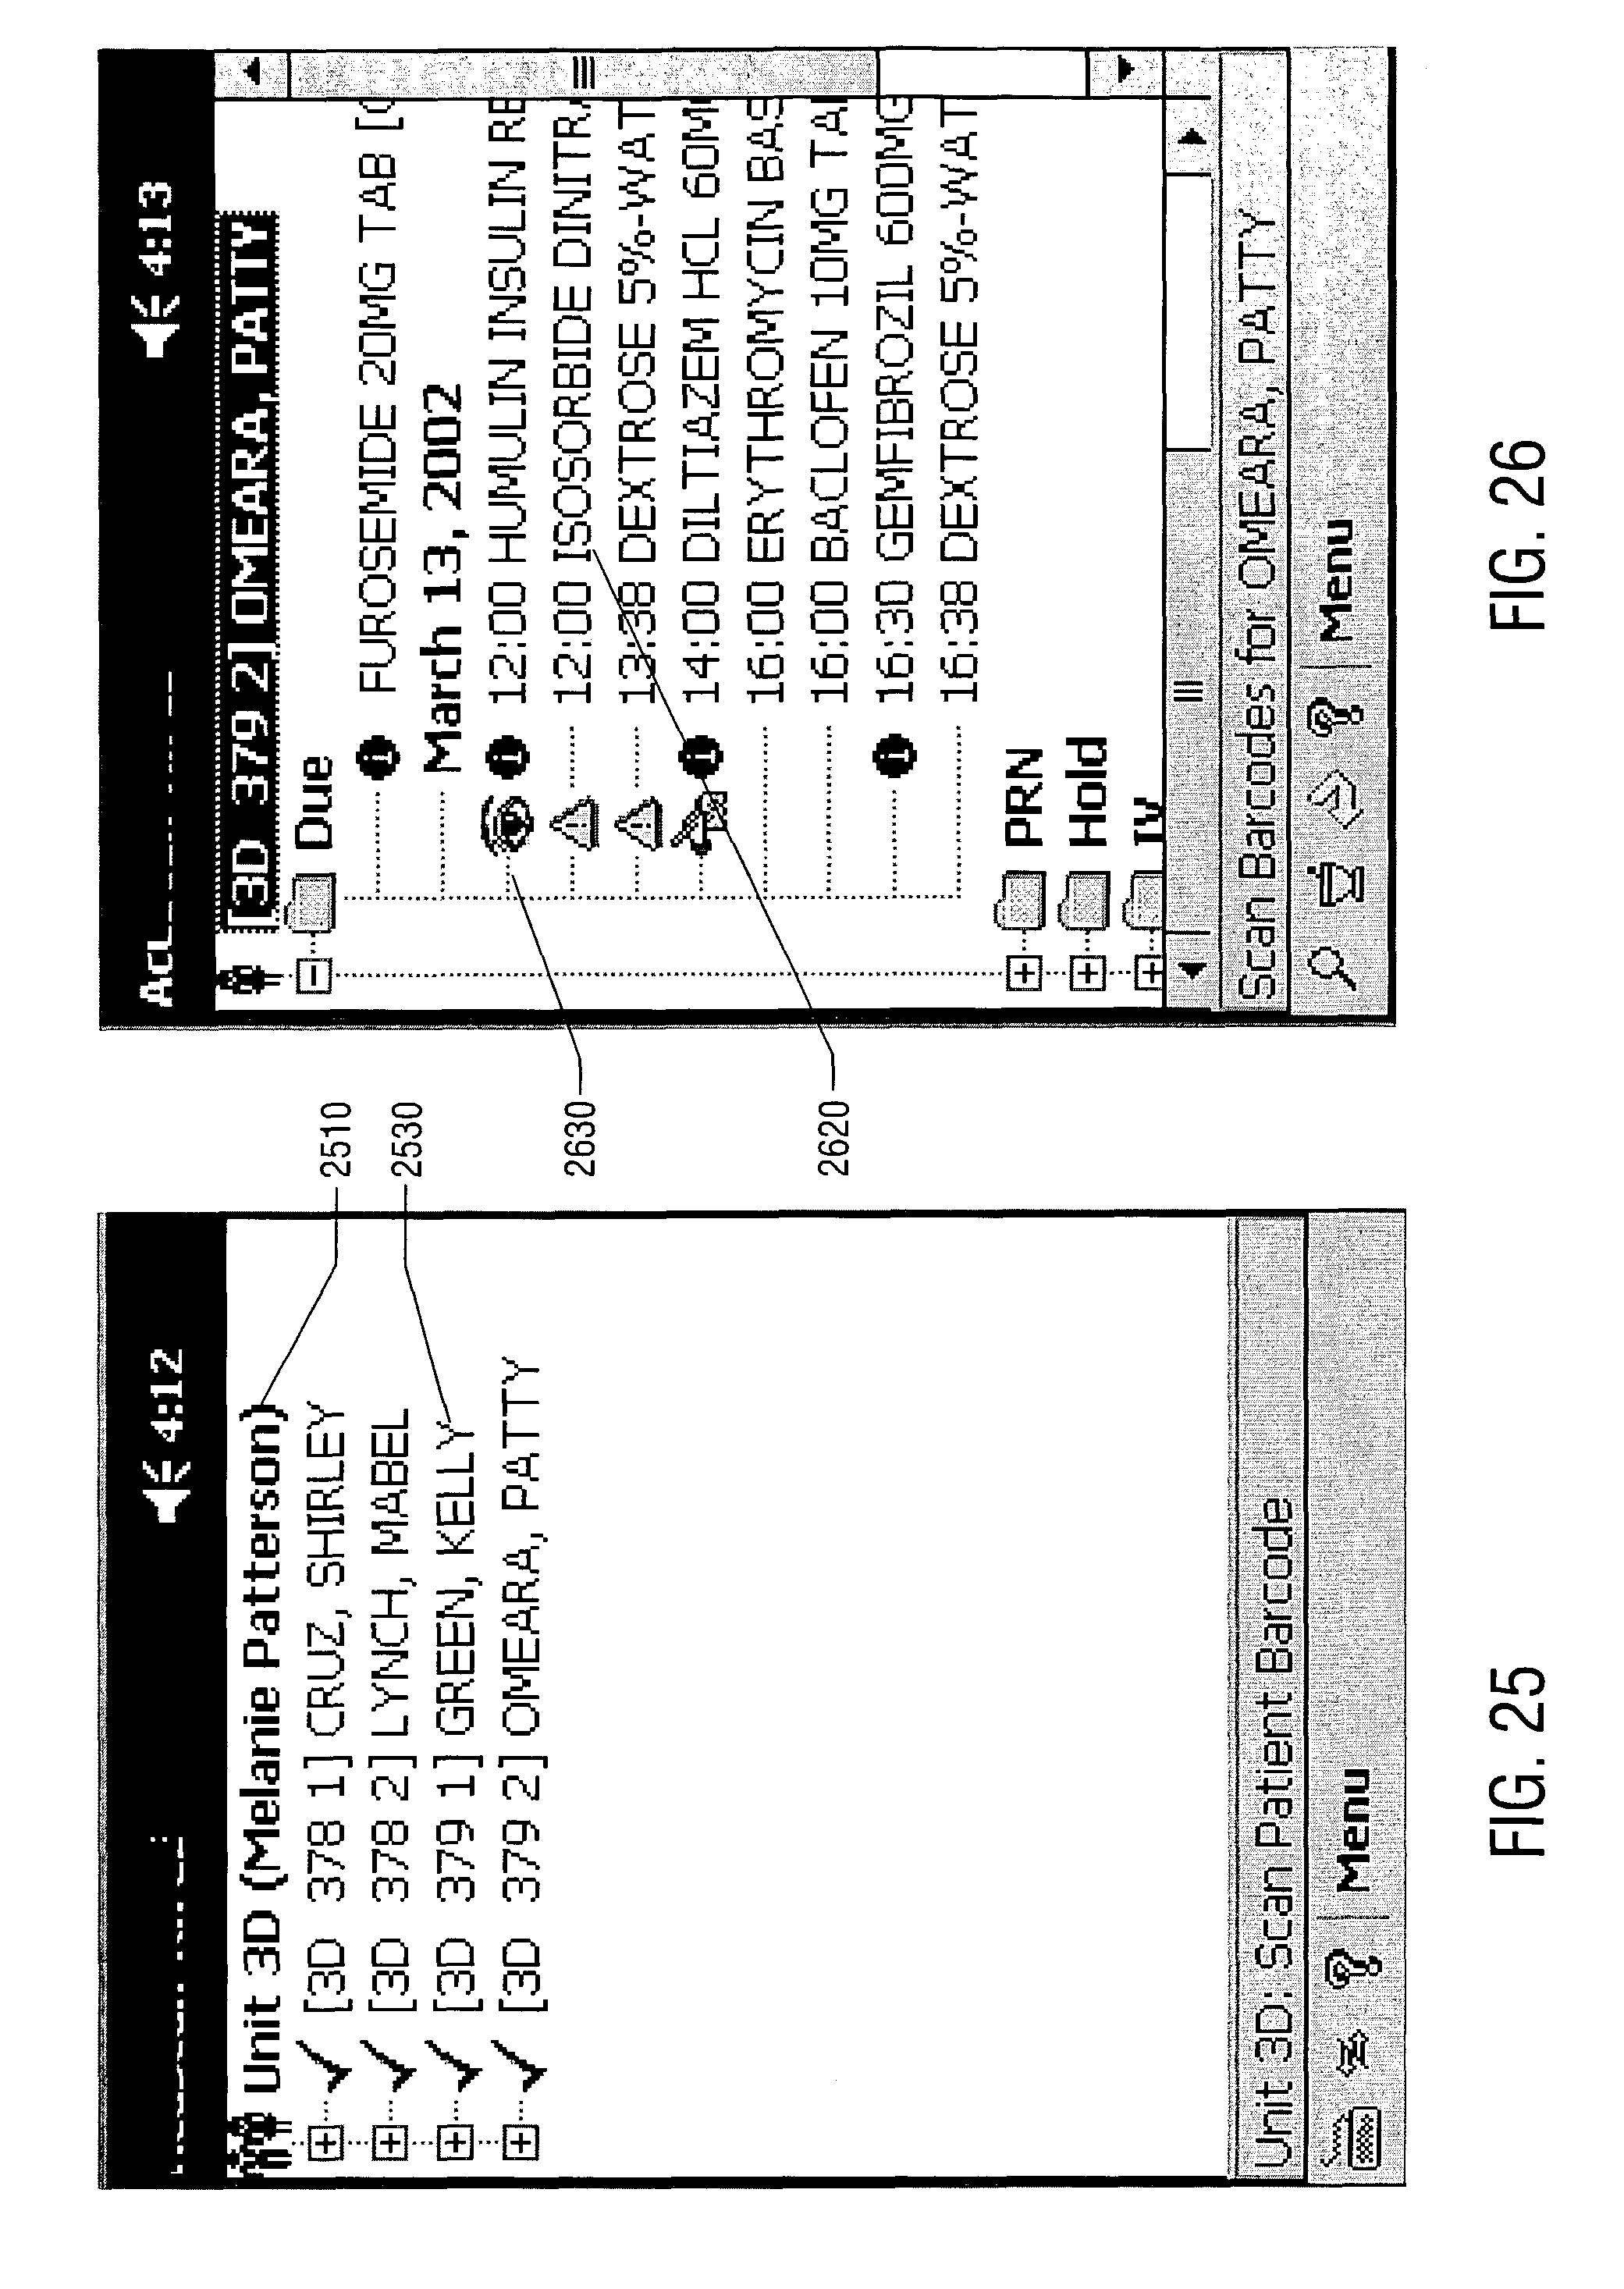 30 furosemide.doc - Patent Drawing